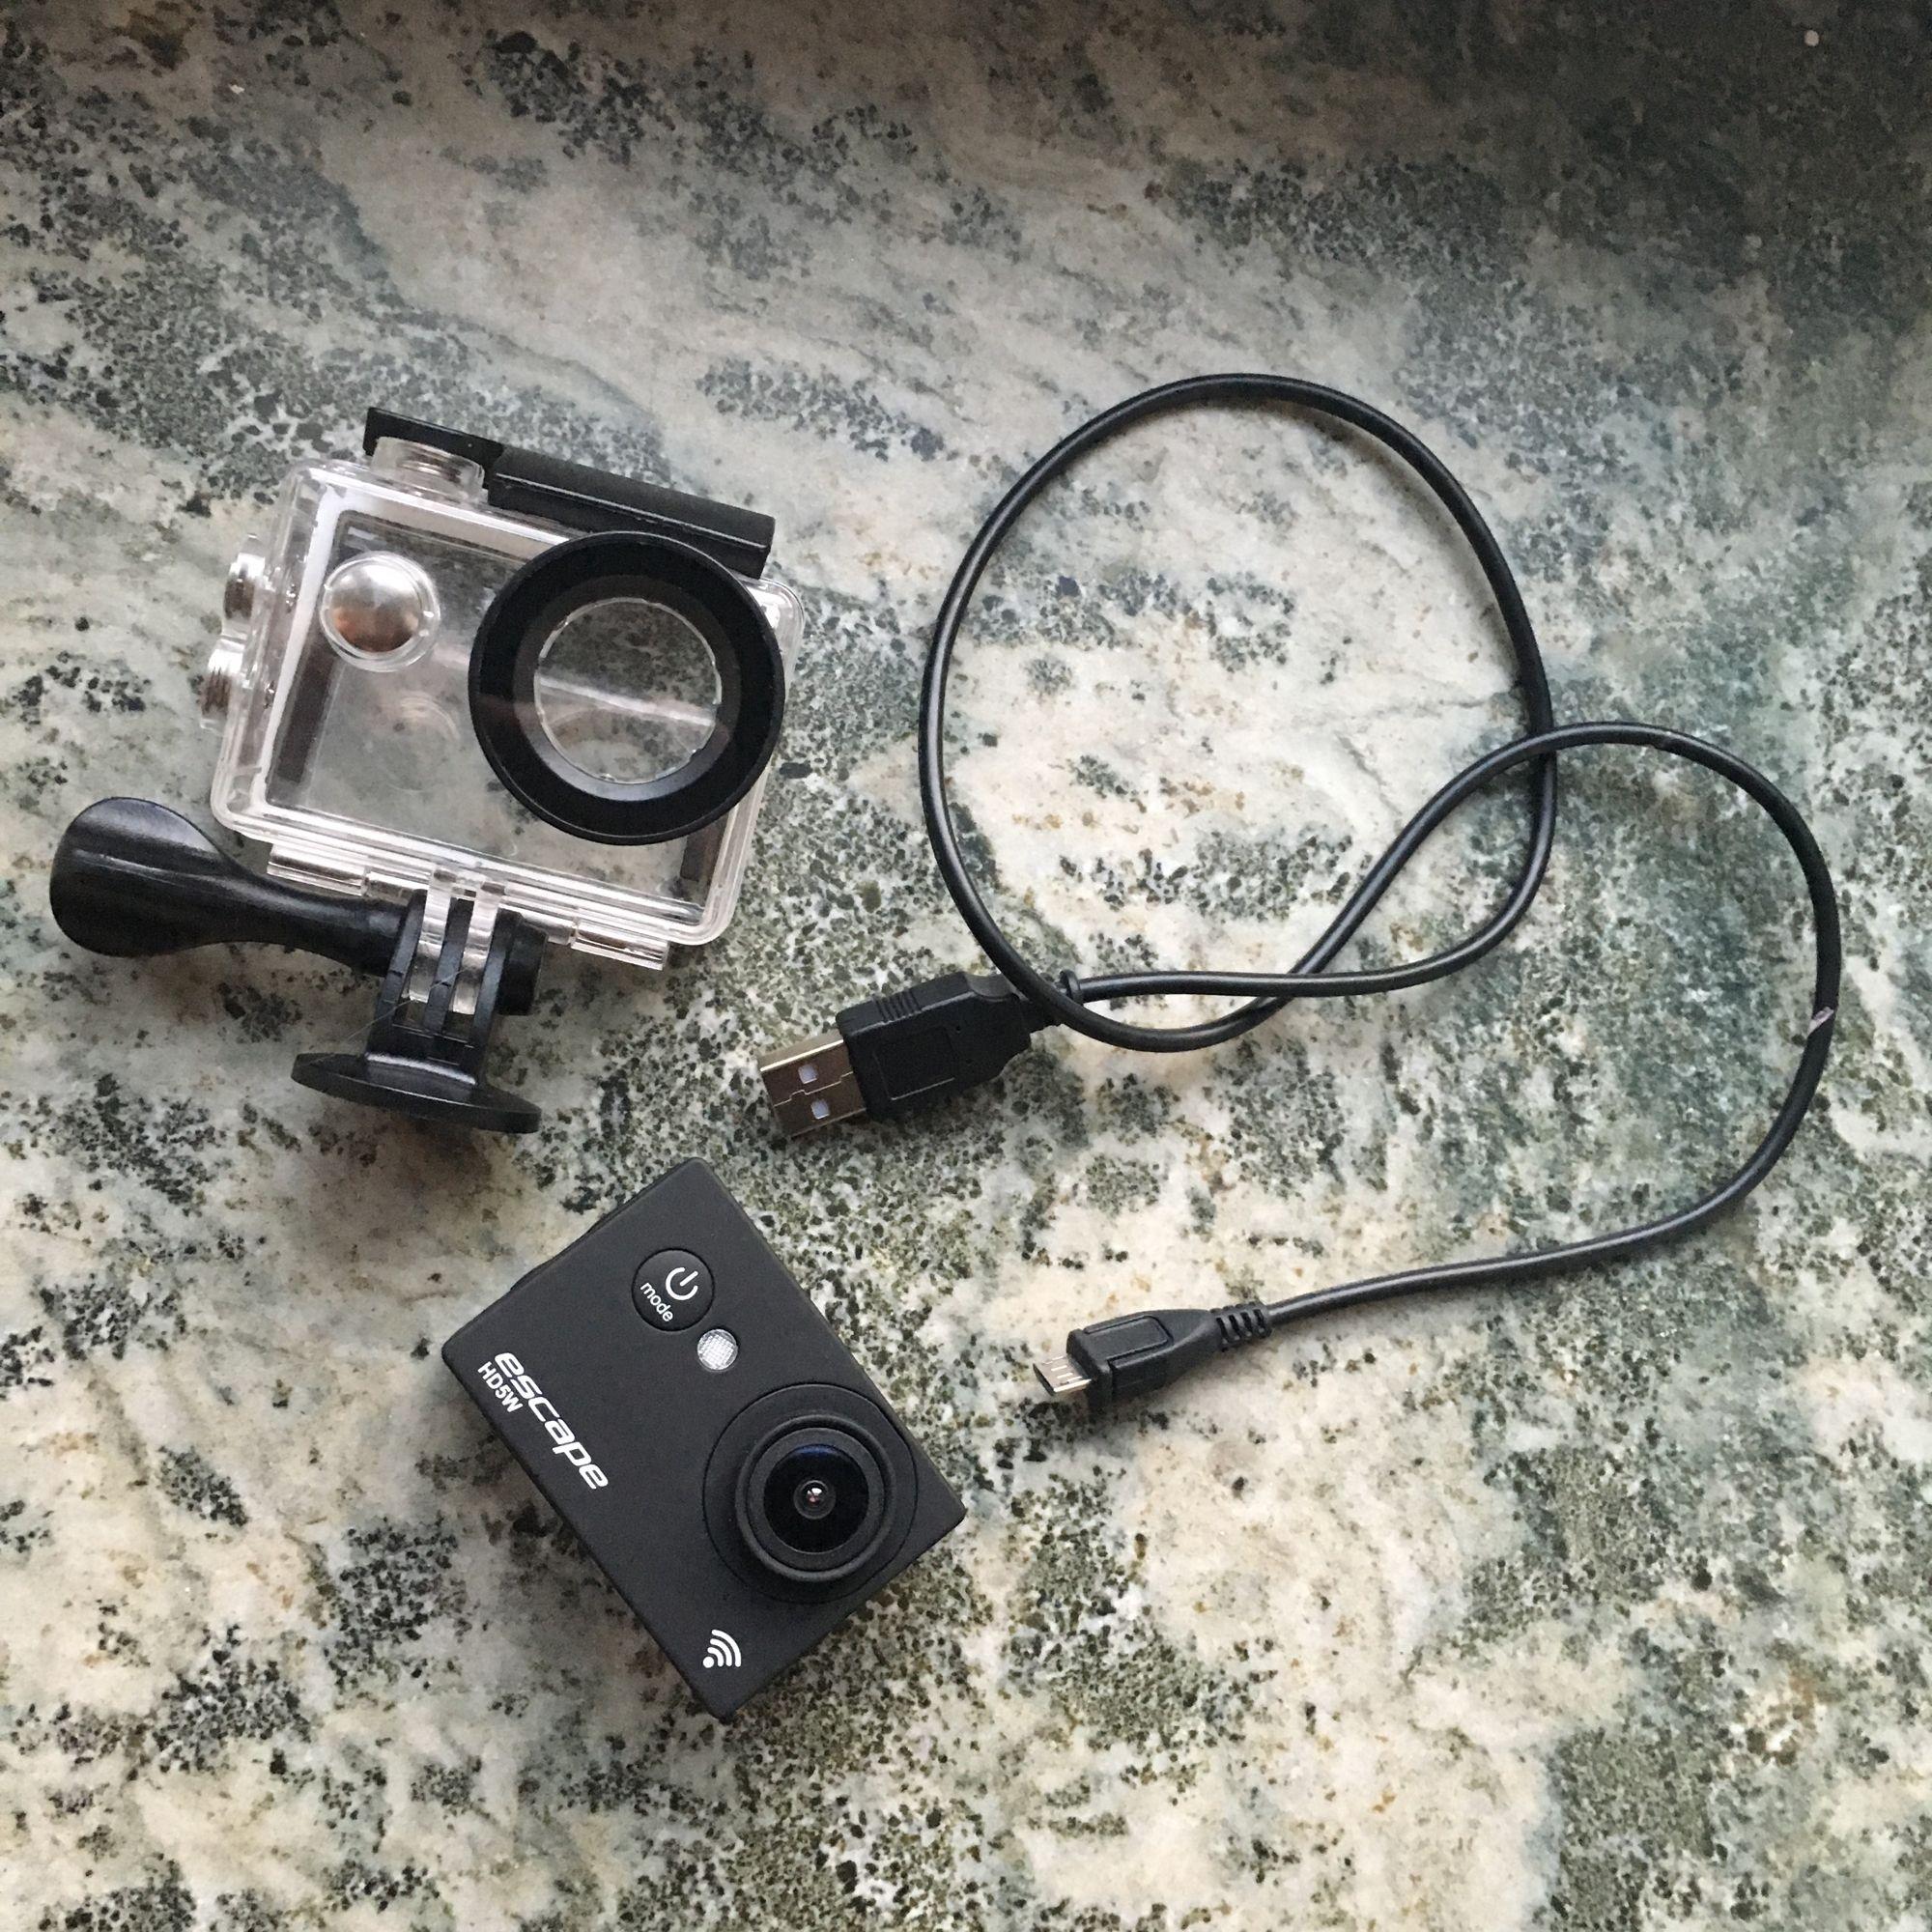 Priset kan diskuteras⚠️Frakt 20-30kr ⛔️Gott skick action kamera, kan filma undervatten och på land, Nypris på kameran är 749kr och sim nypris är 99kr (sim finns med i kameran) Kontakta mig om det finns fler frågor 💕😉massa hållare är med också. Övrigt.